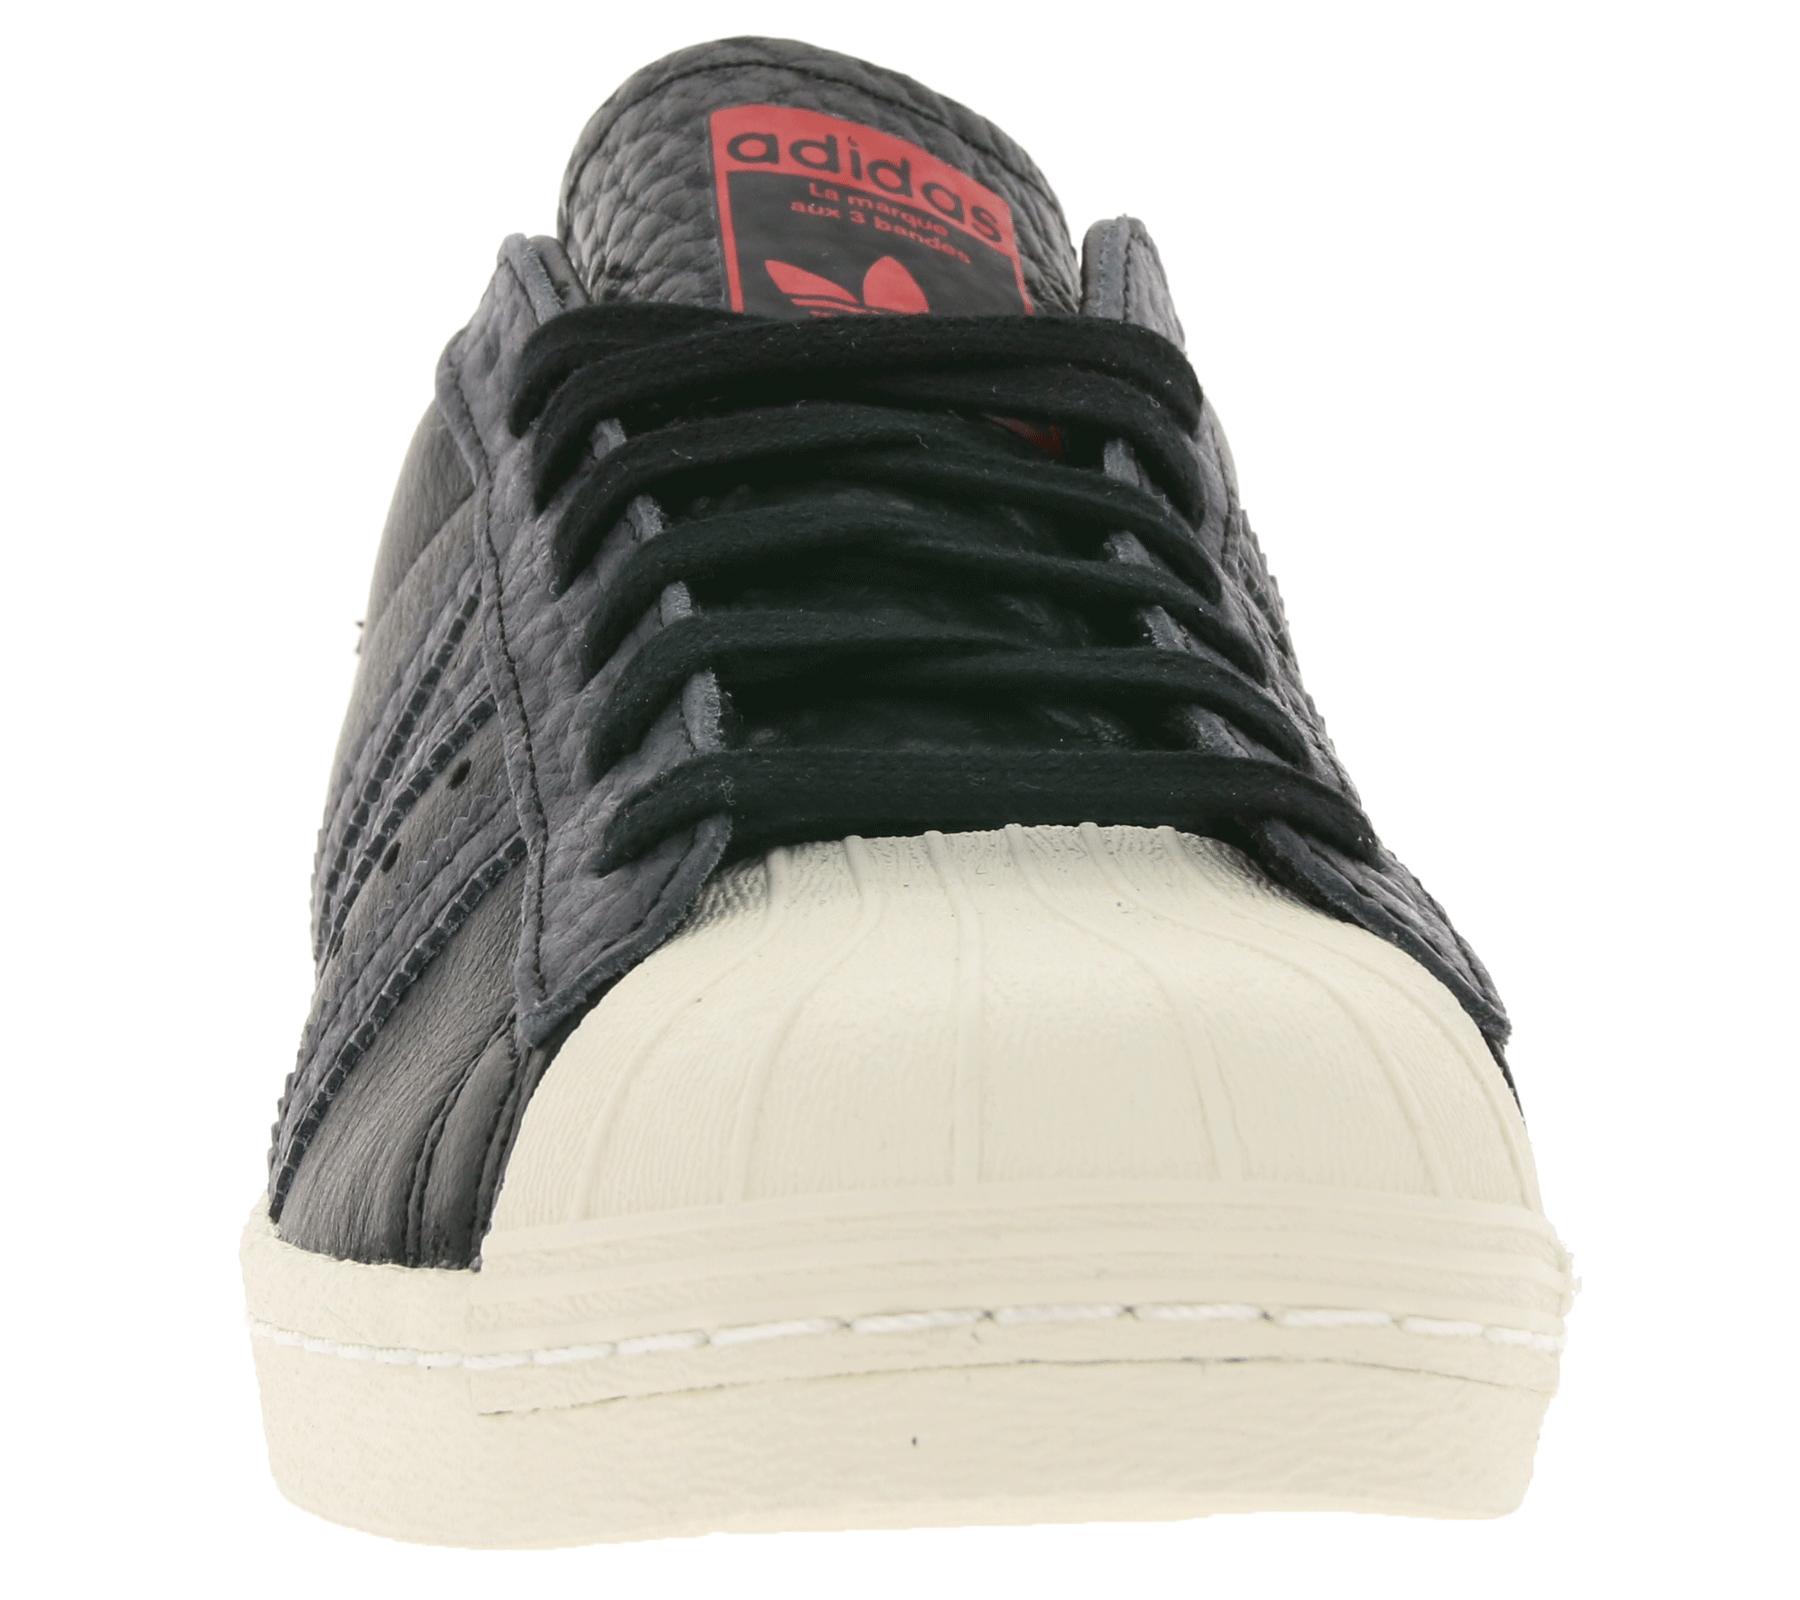 adidas Originals Sneaker reduziert im SALE kaufen Outlet 46